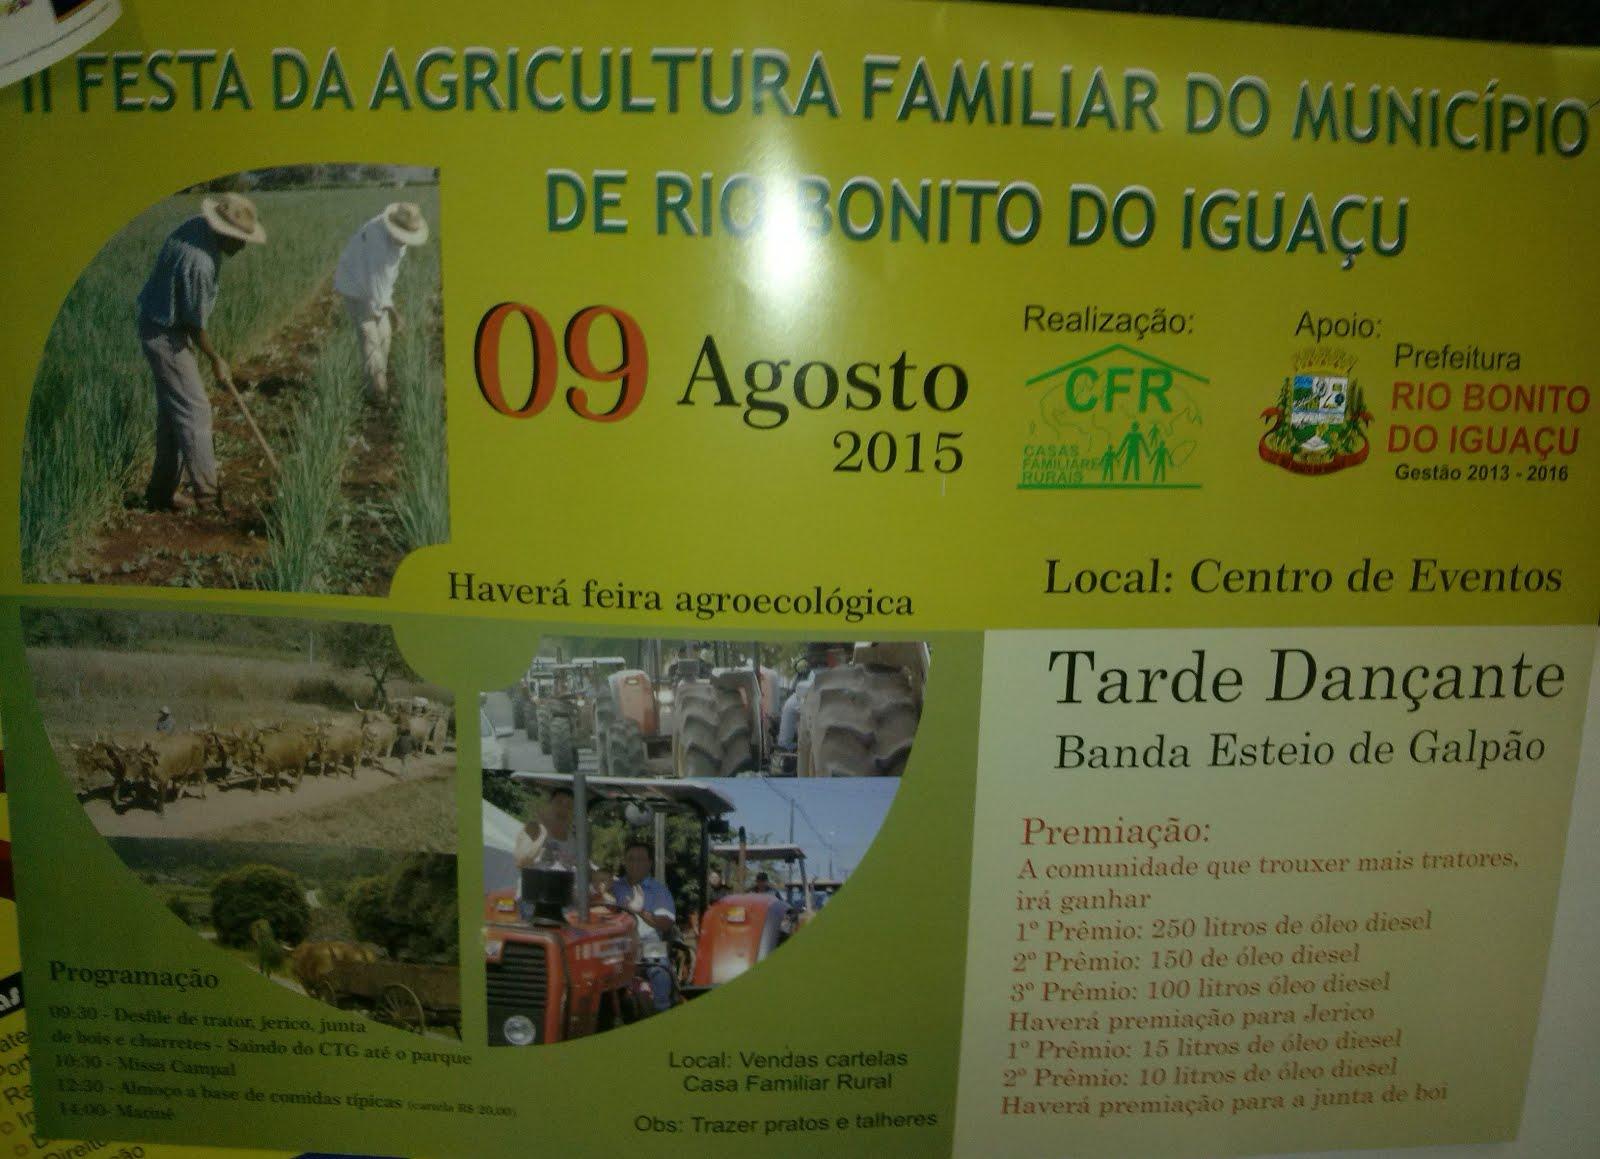 Rio Bonito do Iguaçu:Vem aí a II Festa da Agricultura Familiar, dia 9 de agosto!!!